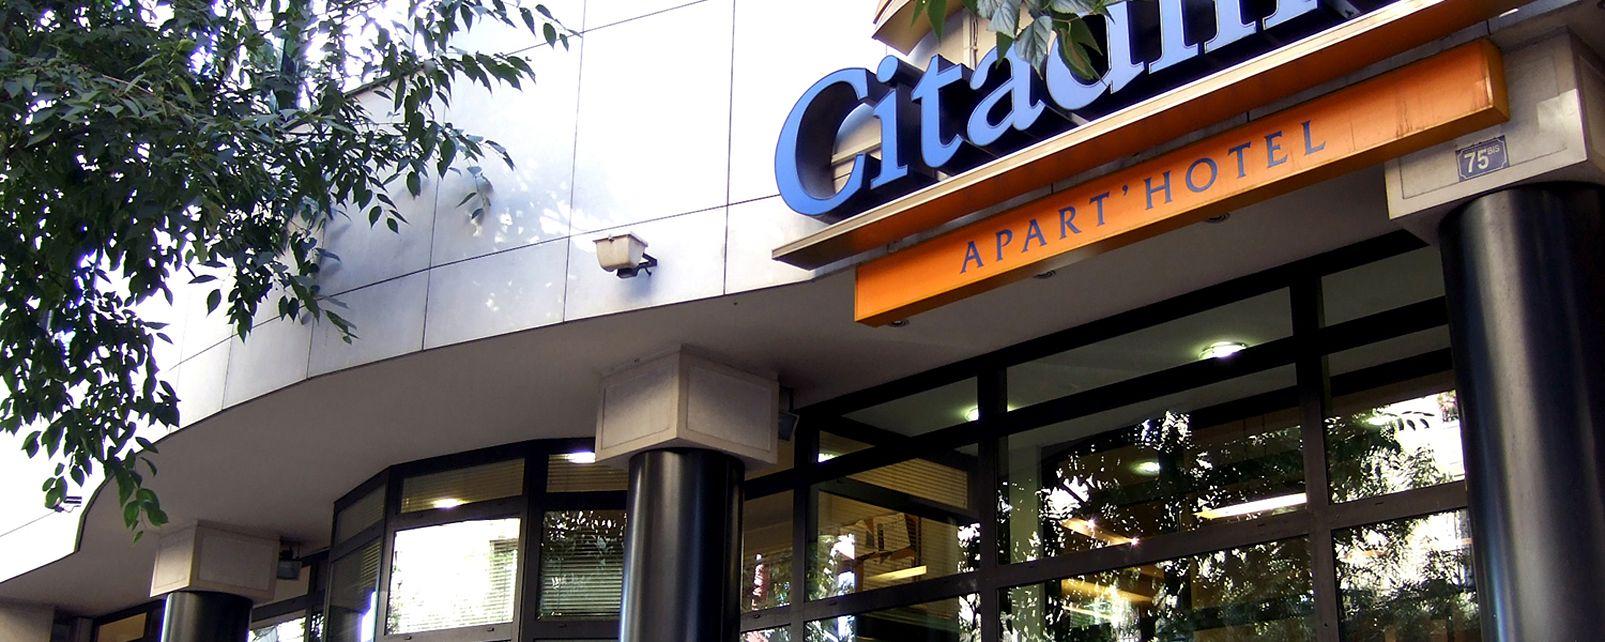 Hotel Citadines Voltaire Republique Apart Paris